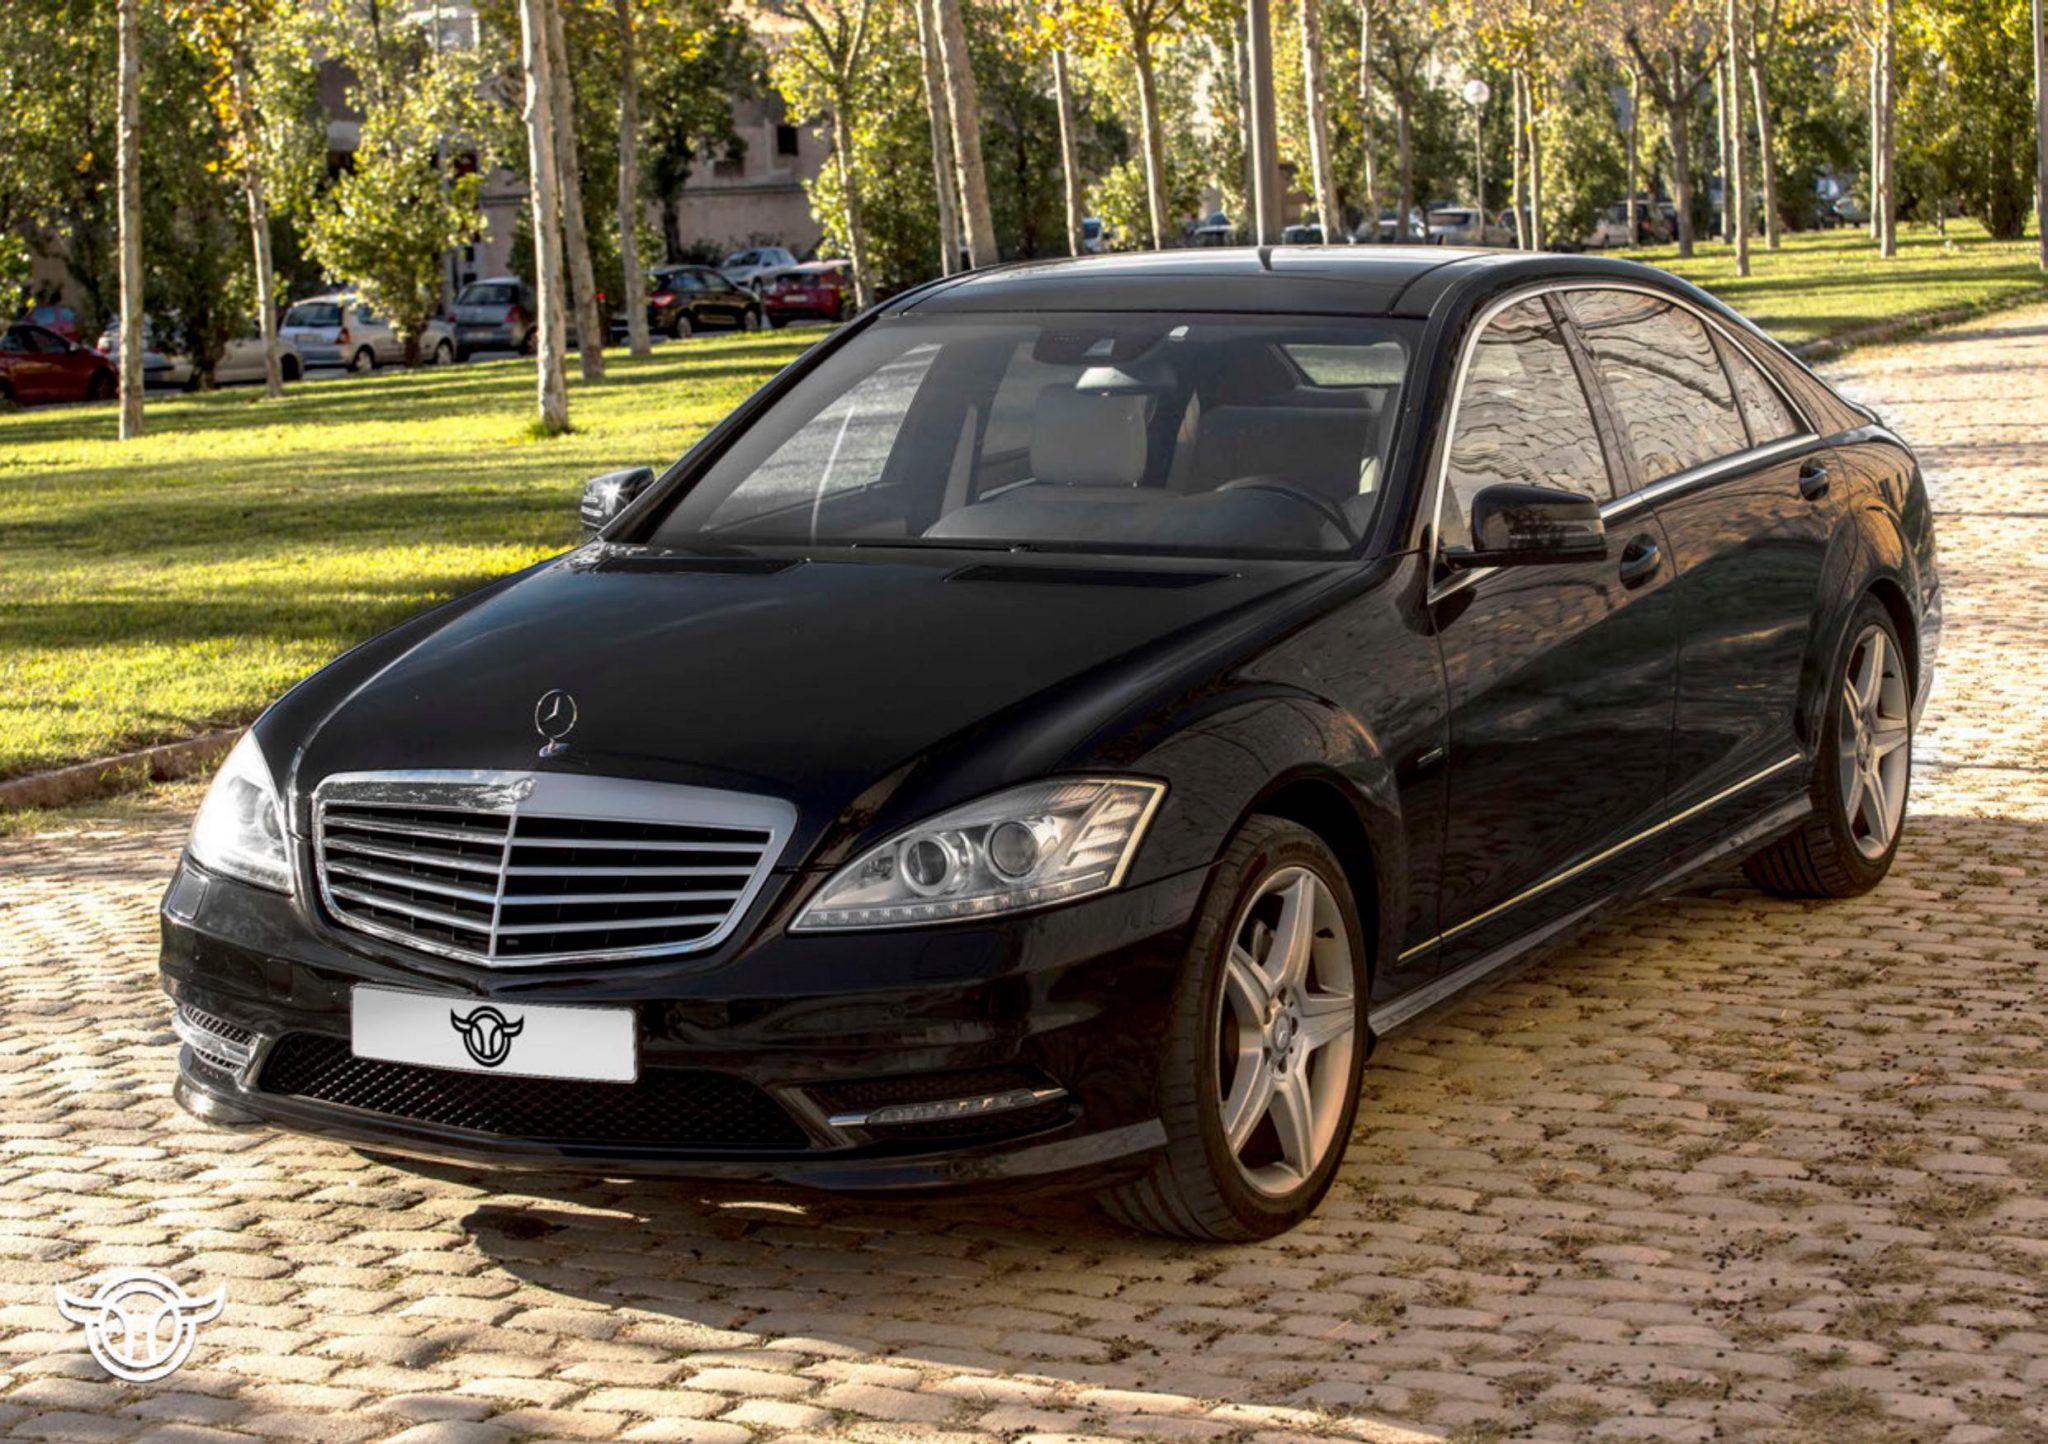 Mercedes S 500 largo alquilar coches de lujo madrid marbella ibiza barcelona valencia